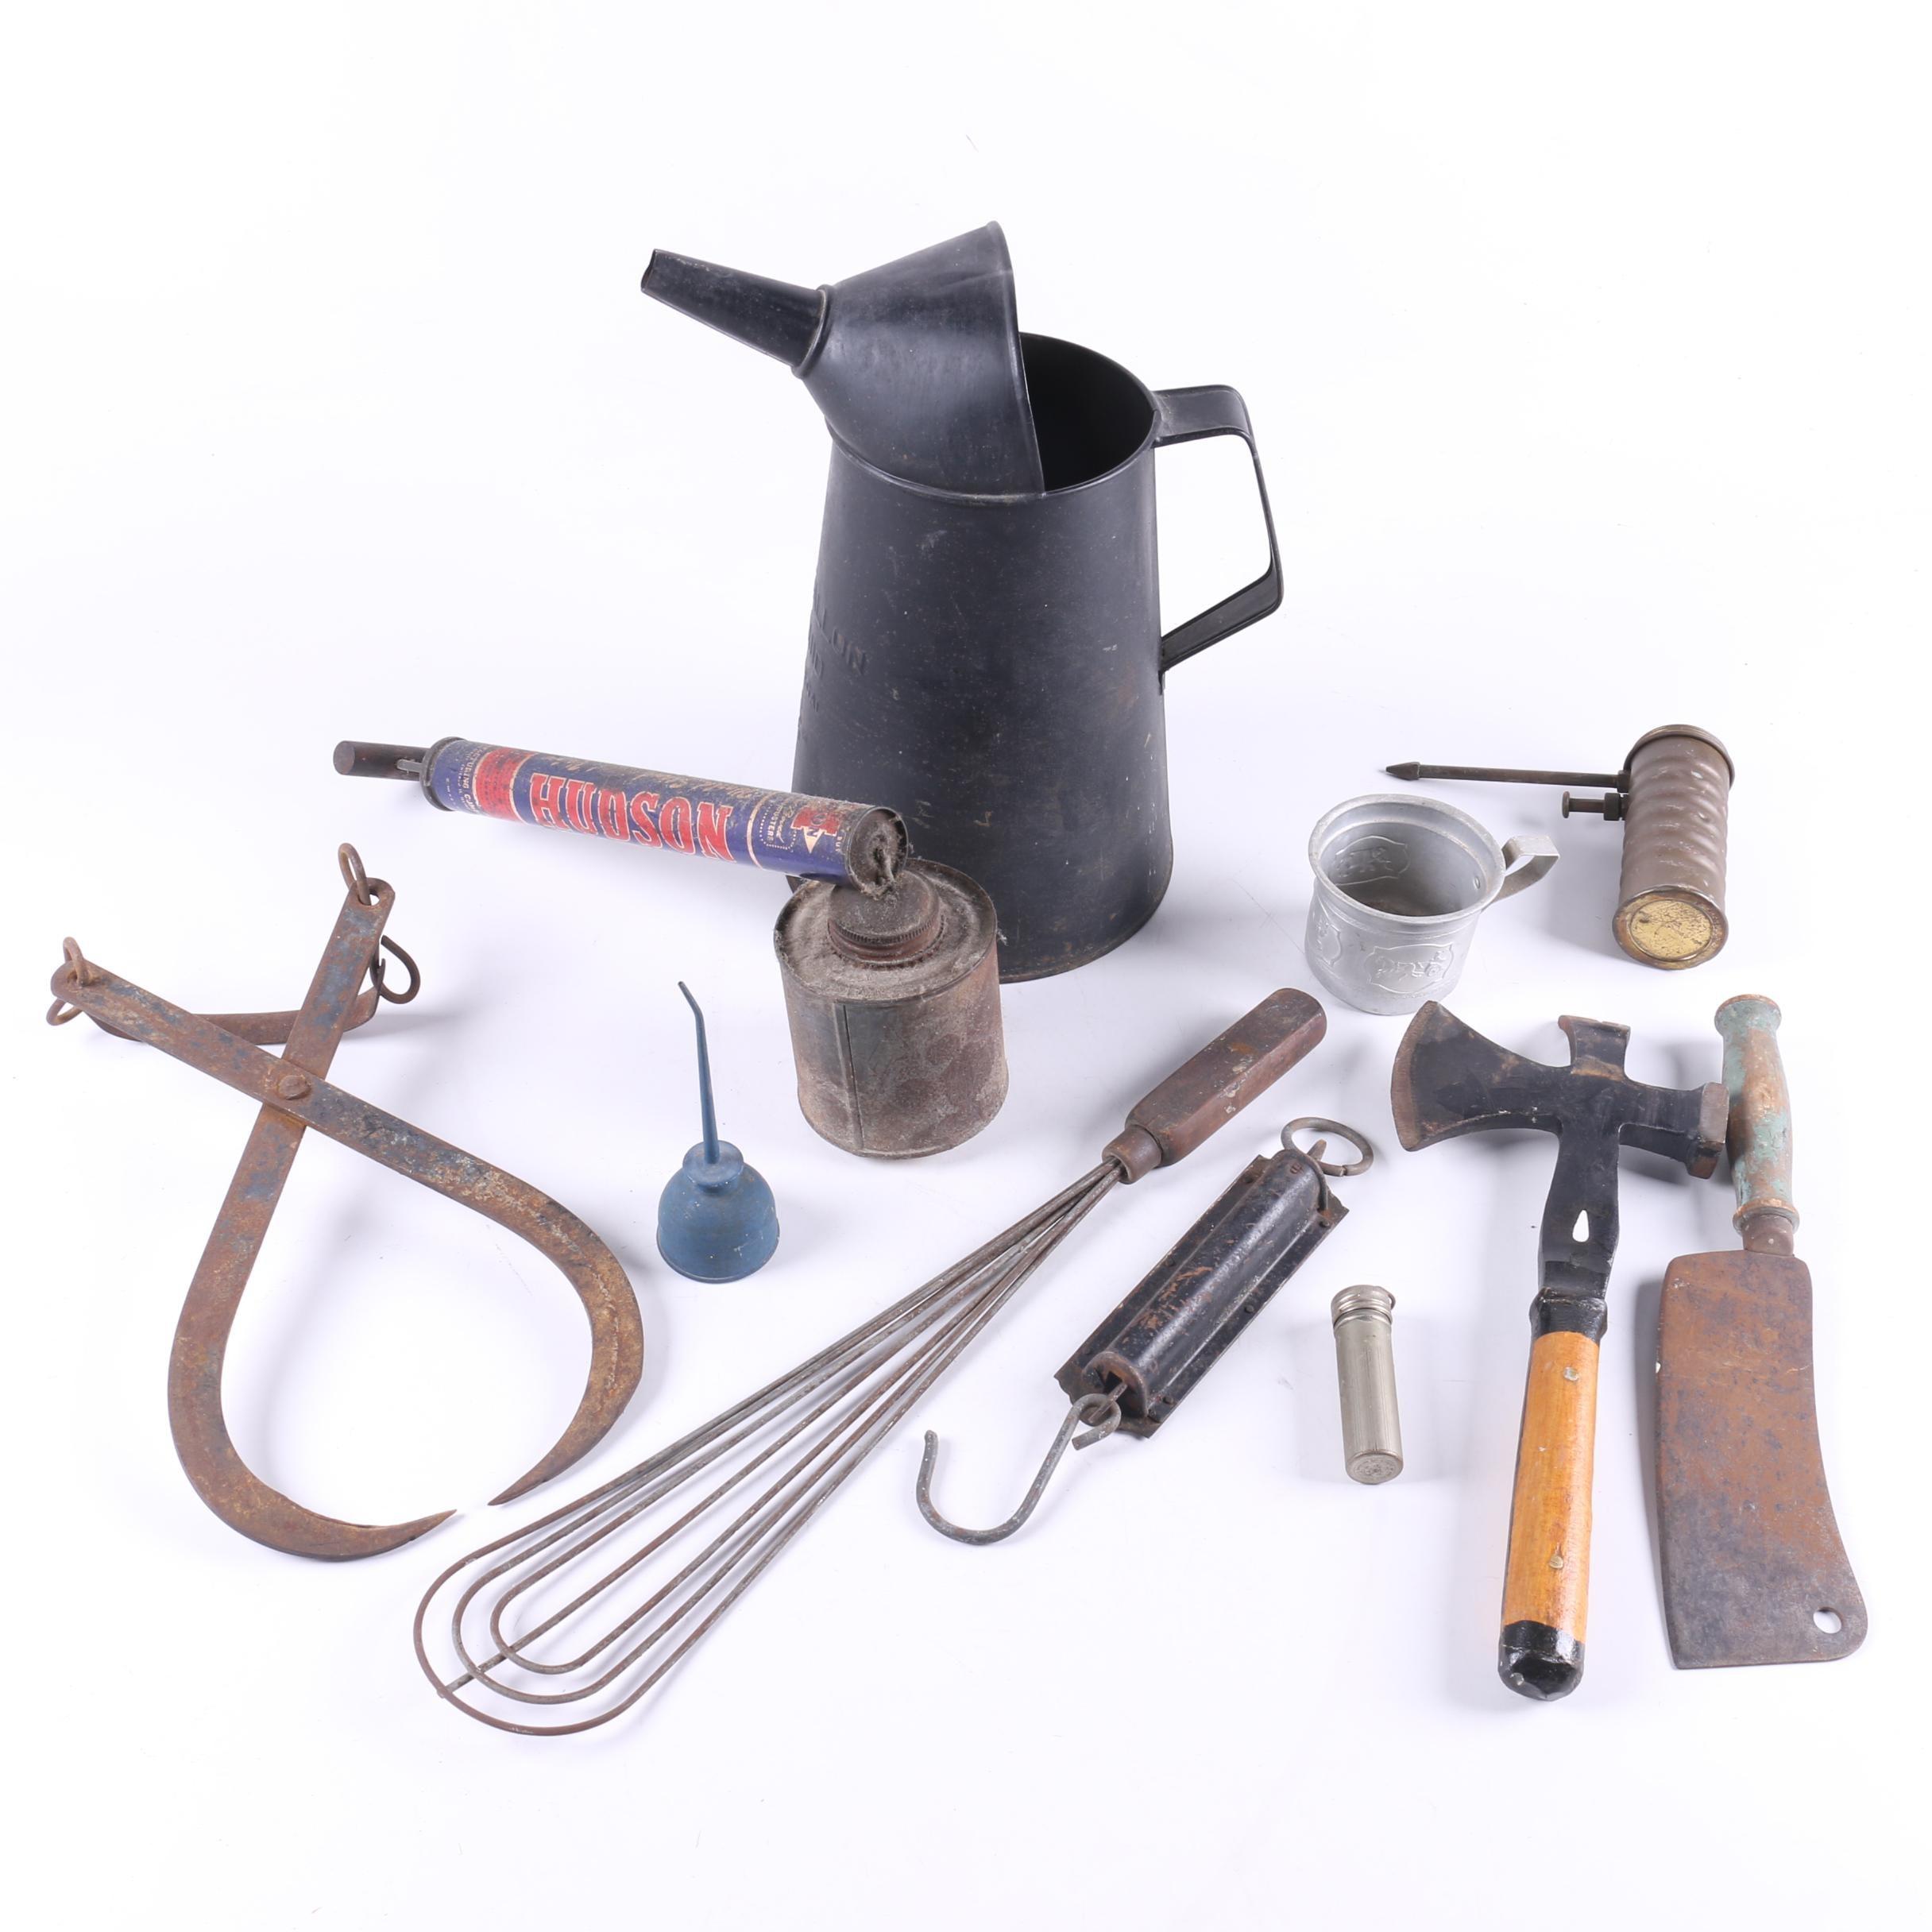 Vintage Tool Assortment